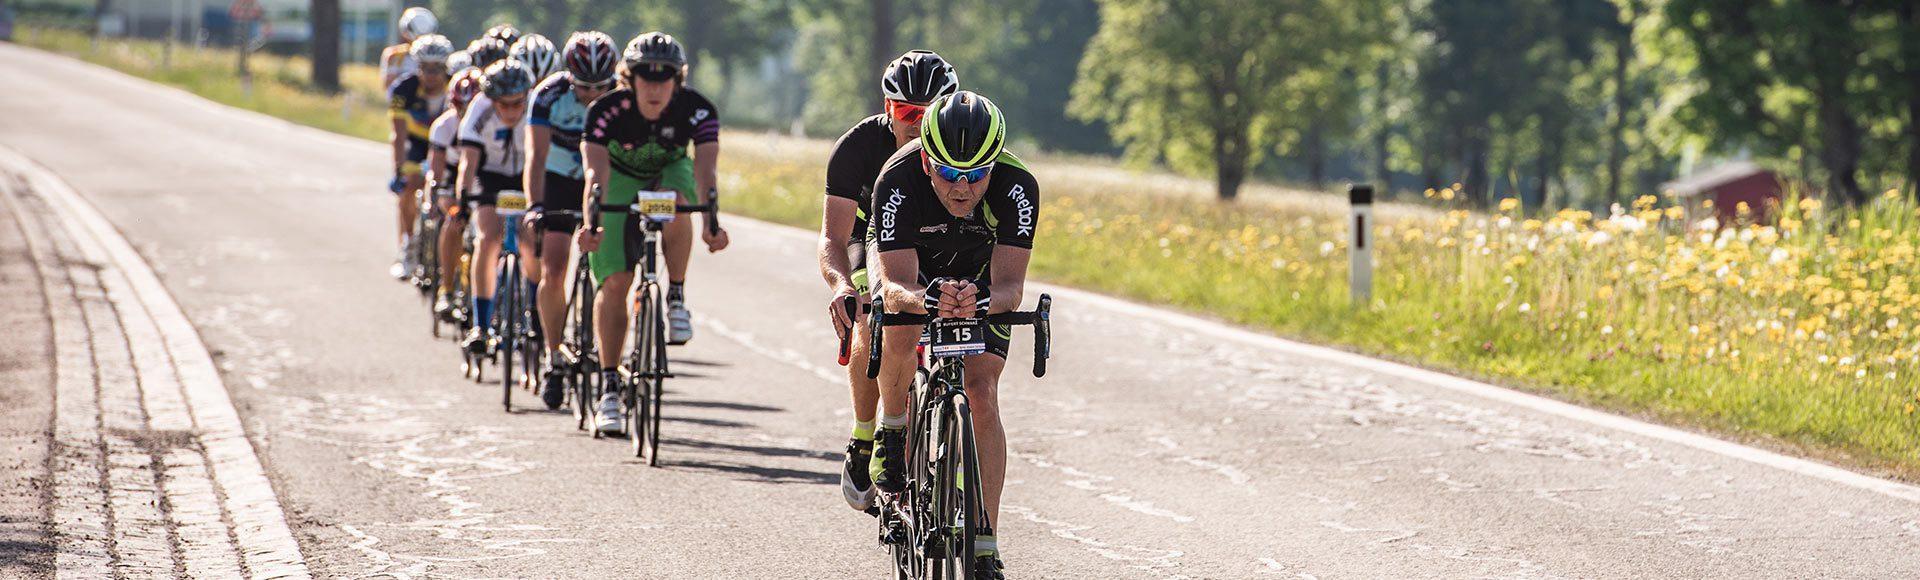 Radmarathon Pauschale